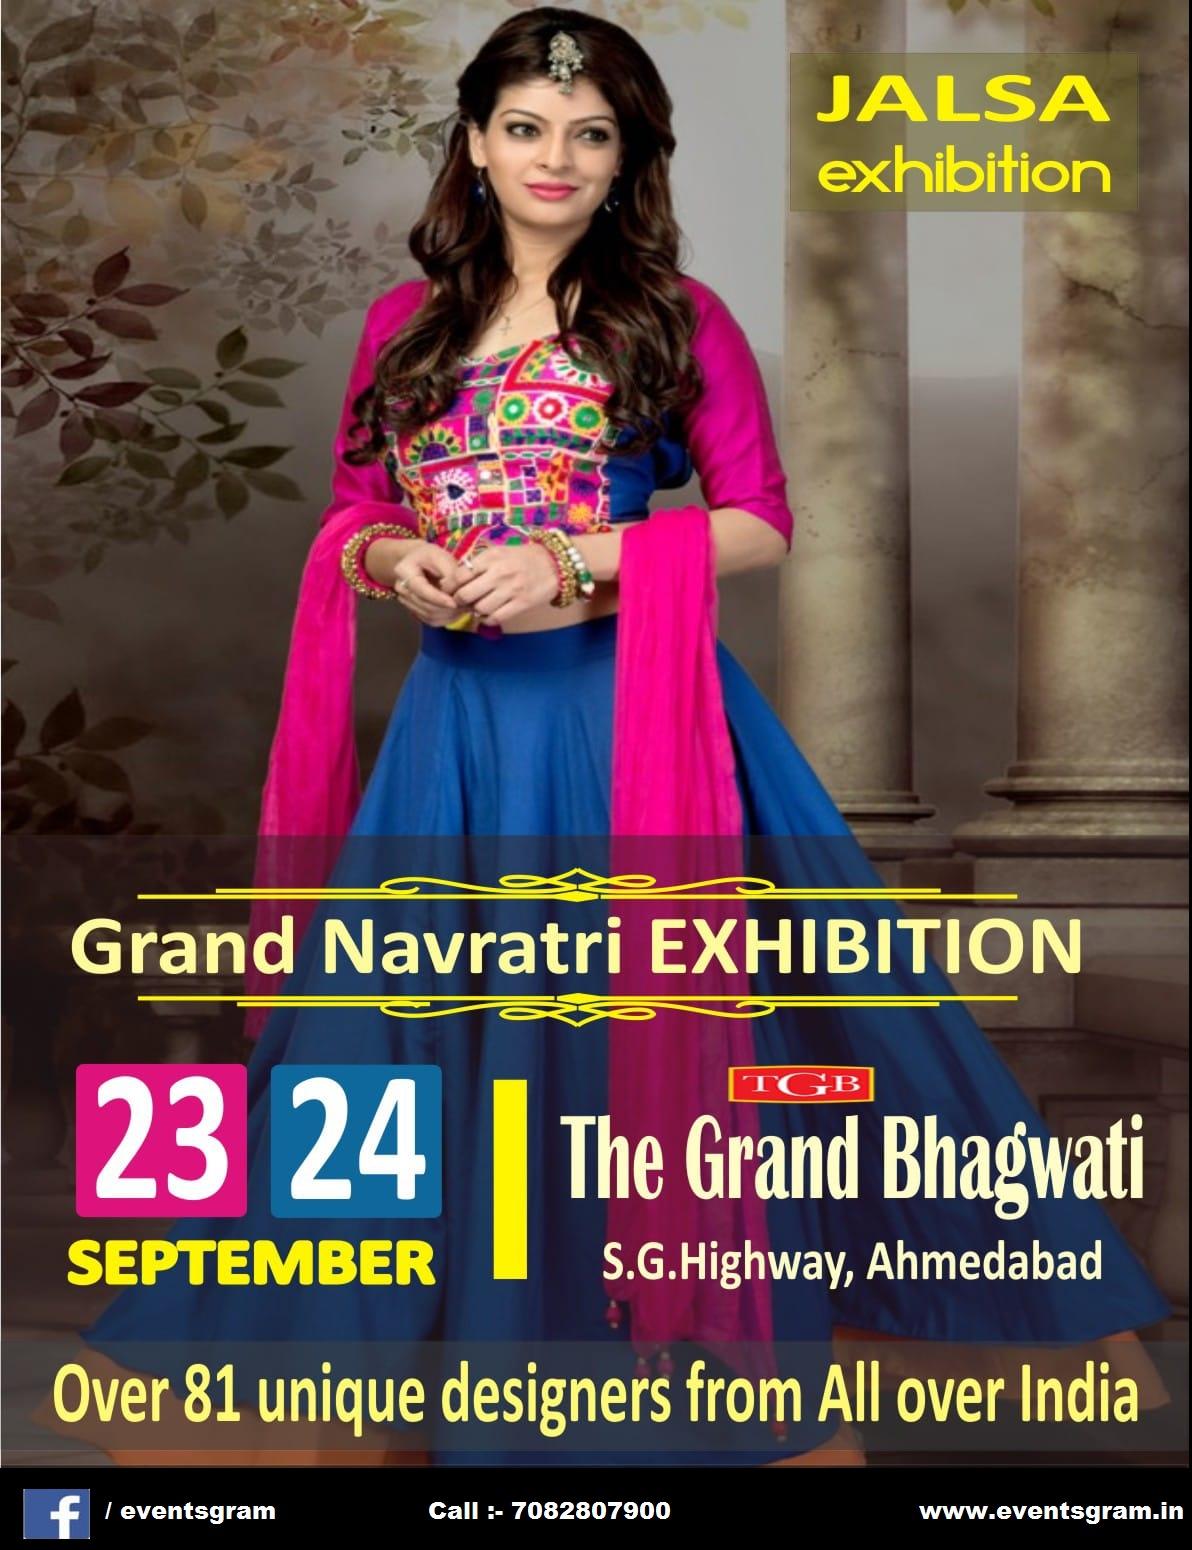 The Premium Exhibition